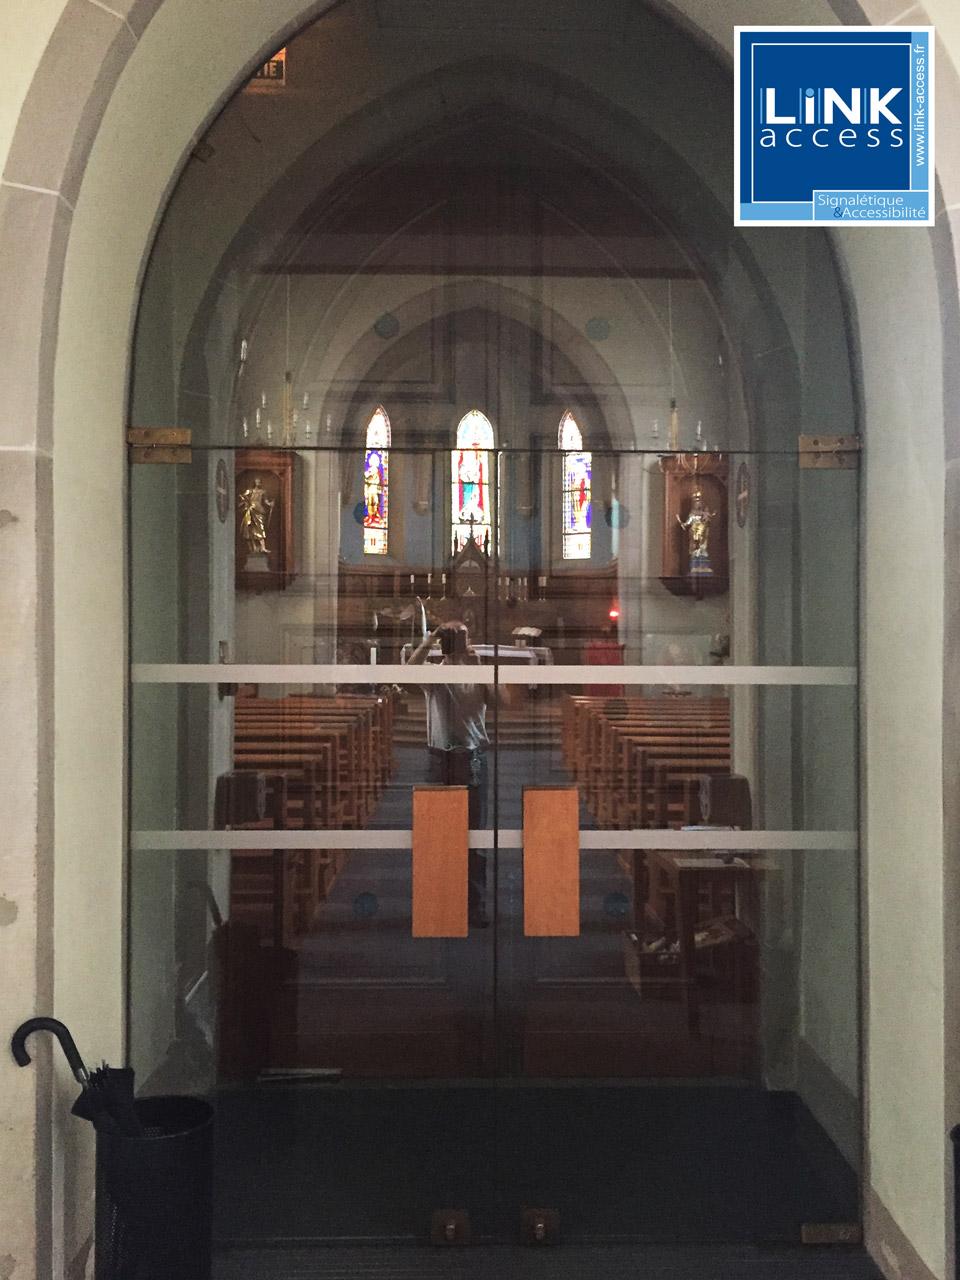 Adhésifs de sécurité vitrage installé par Link-Access dans les travaux de mise en accessibilité de l'église.